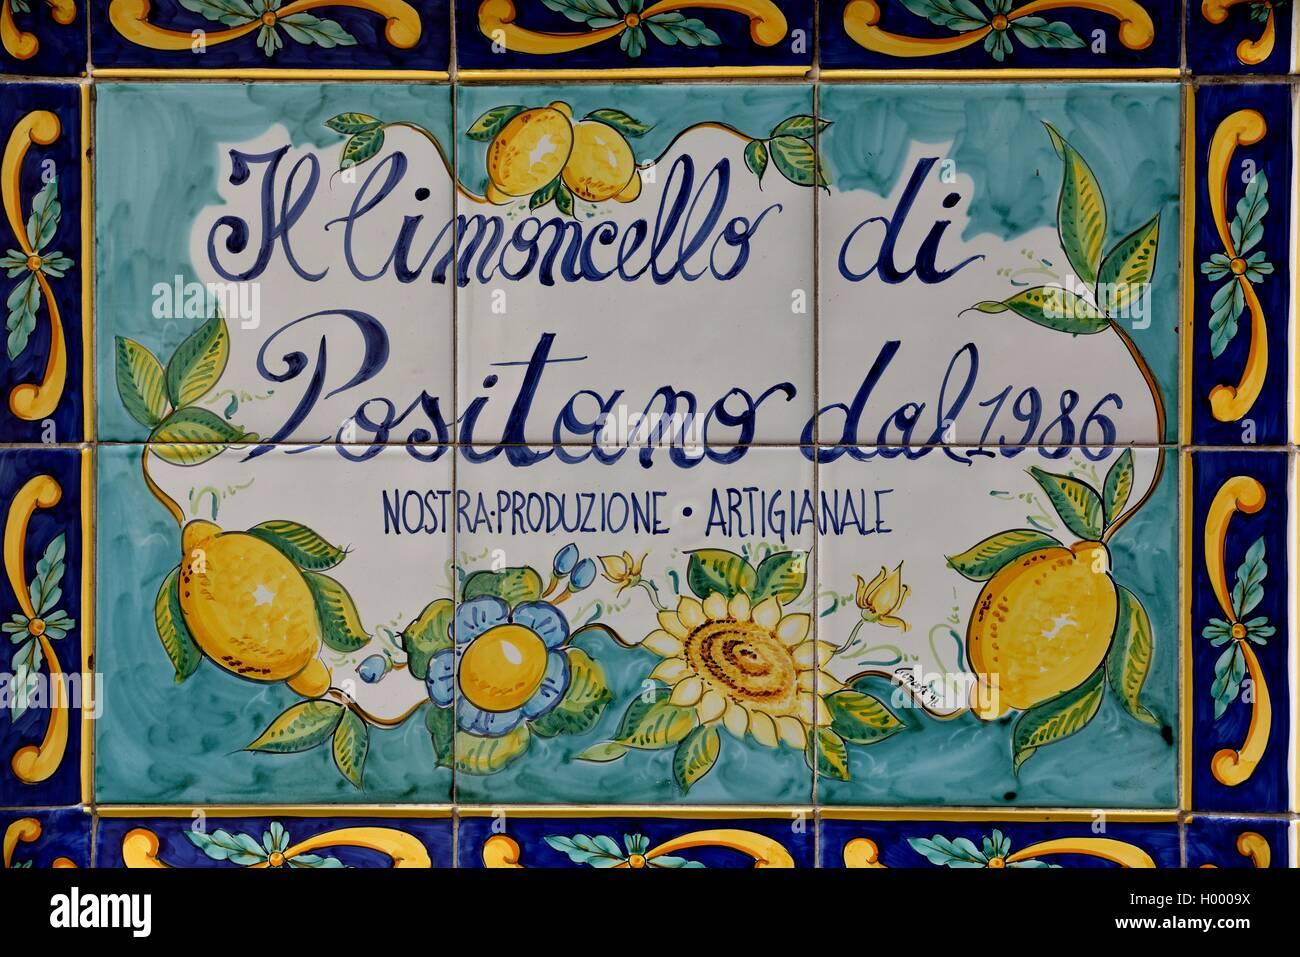 Piastrelle a muro con la pubblicità per il limoncello italiano